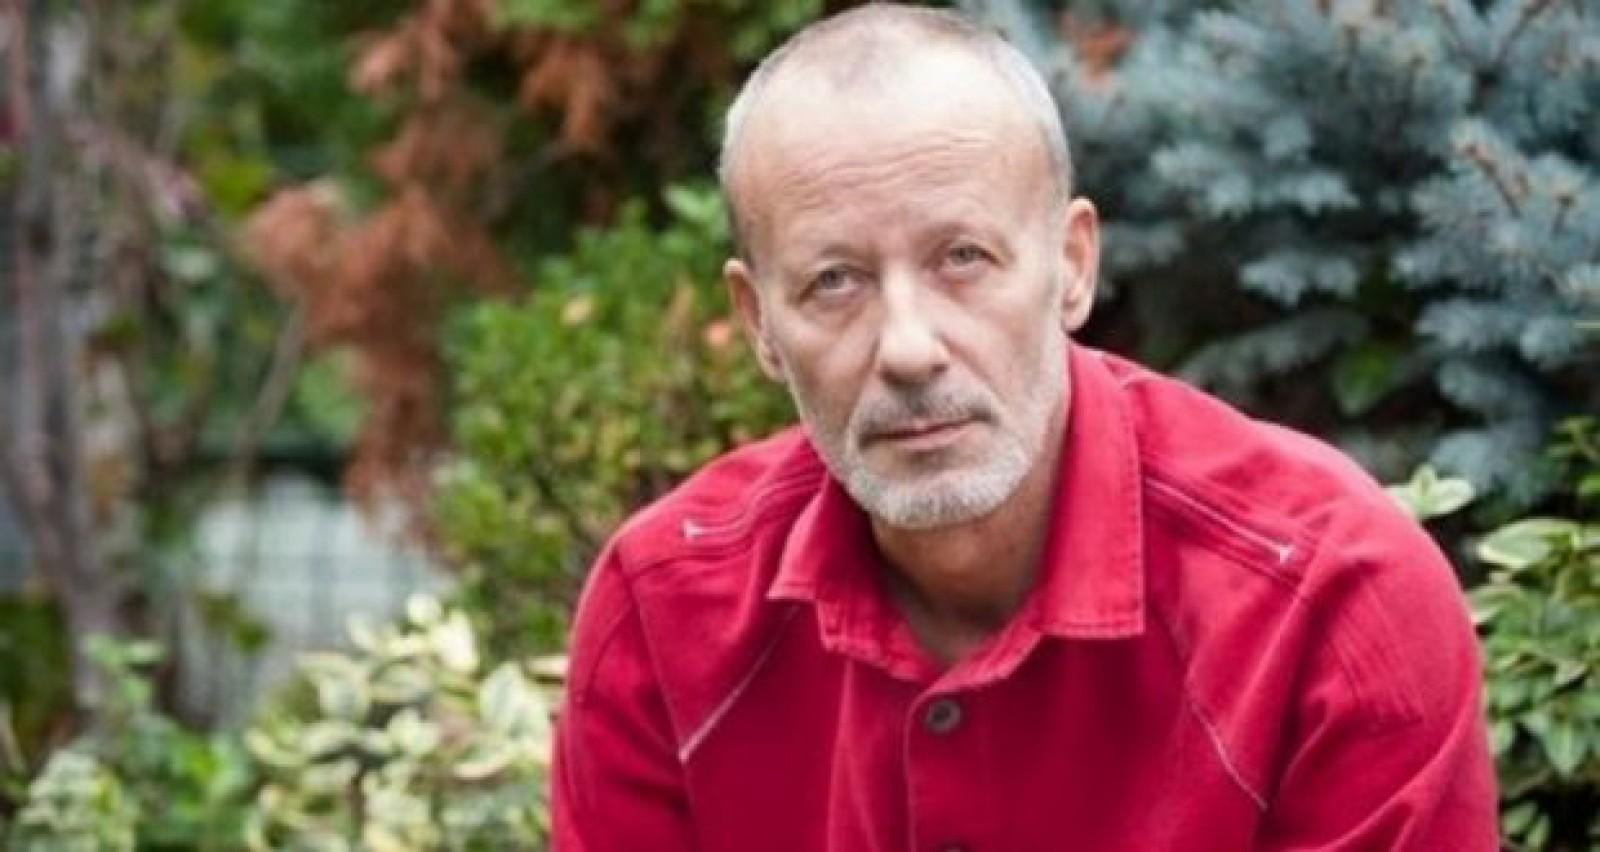 Dosarul morţii jurnalistului Andrei Gheorghe este încă la poliţie. Legiştii nu au finalizat raportul medico-legal